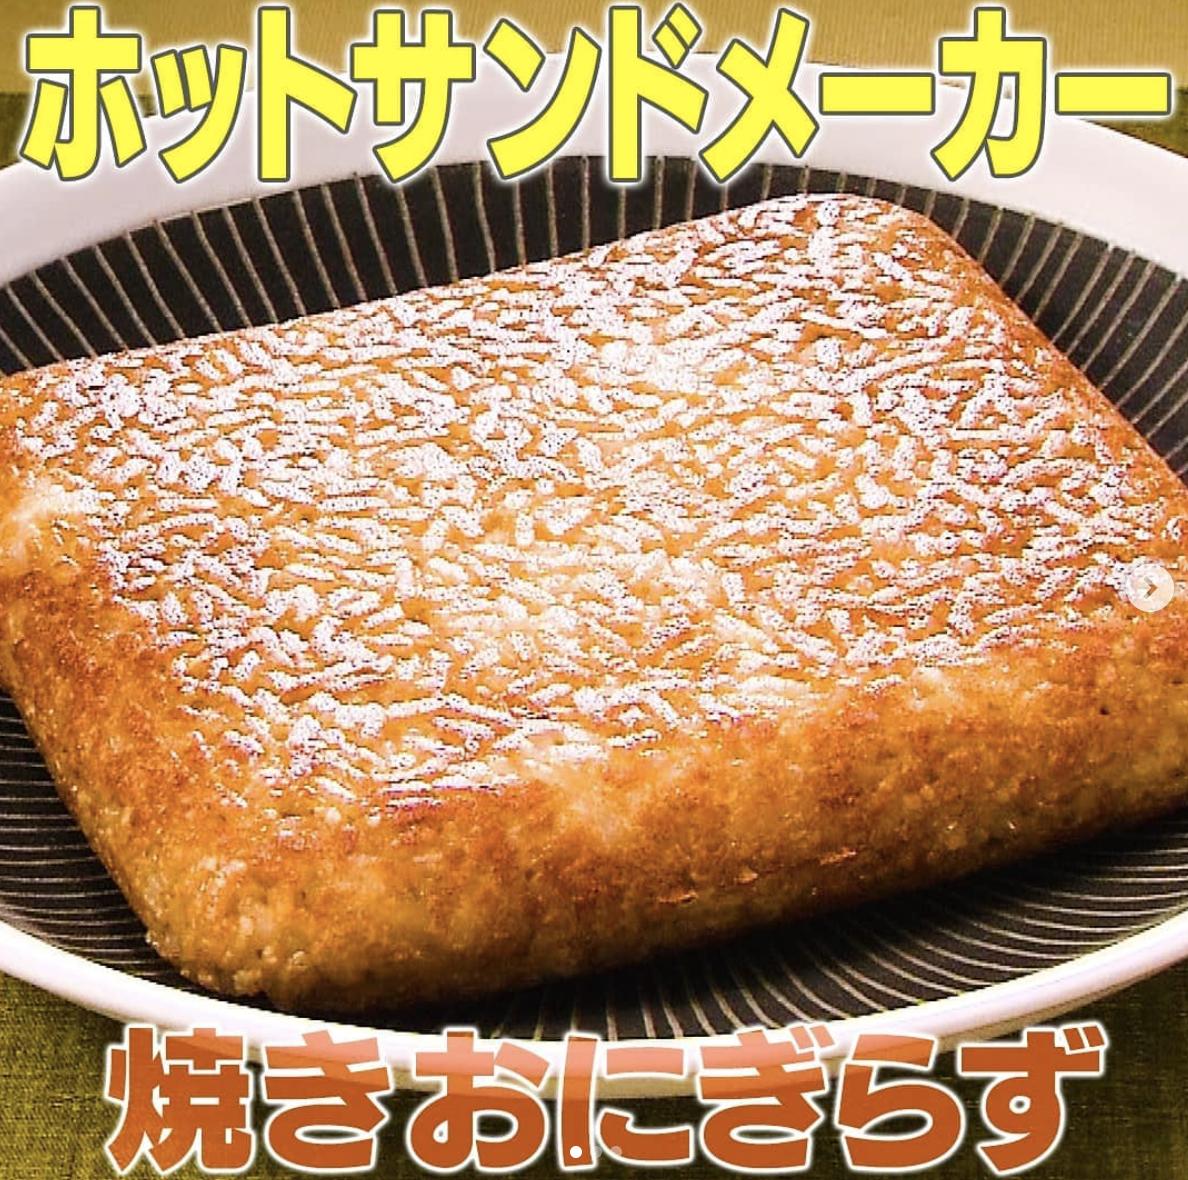 家事ヤロウのホットサンドメーカーレシピ「焼きおにぎらず」(2020年8月19日)